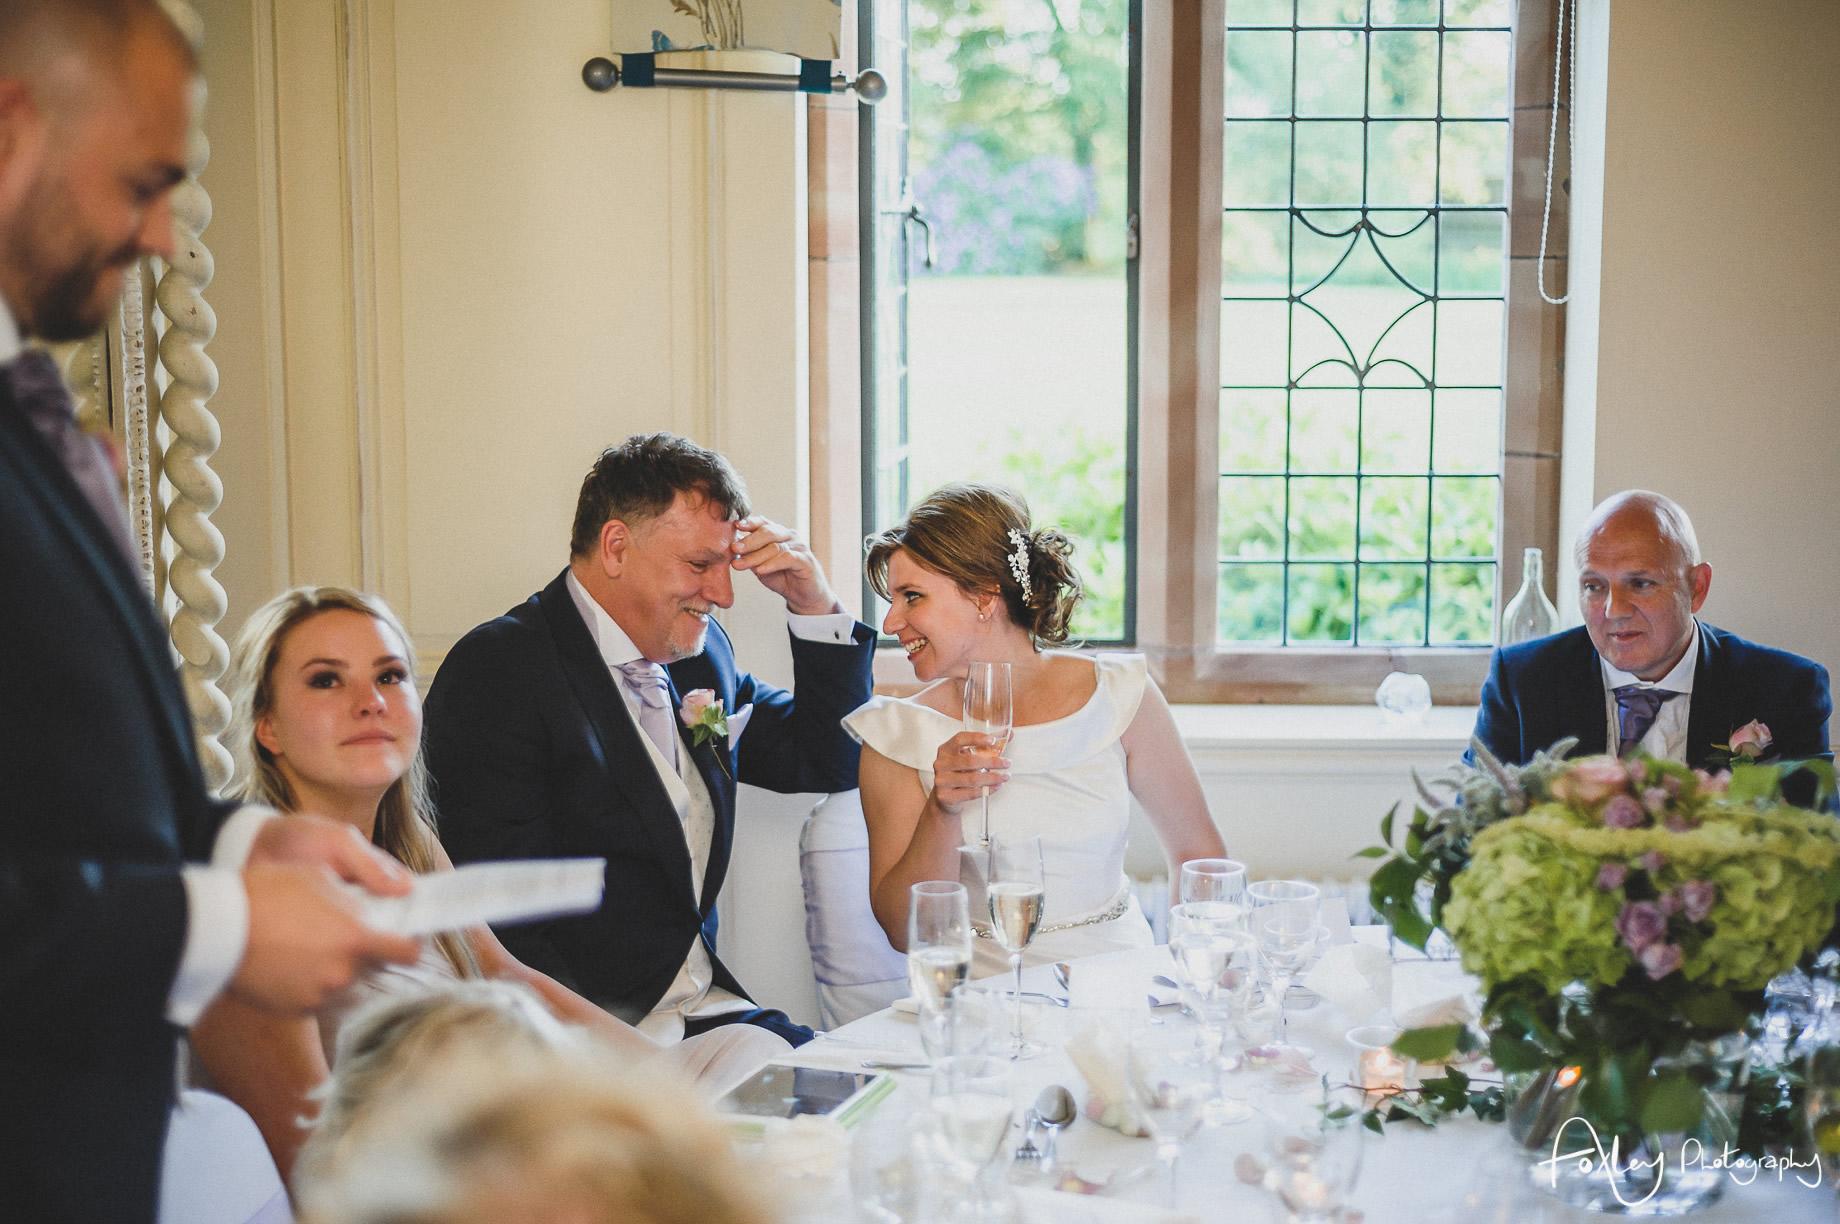 Simona-and-Robert-Wedding-at-Colshaw-Hall-137